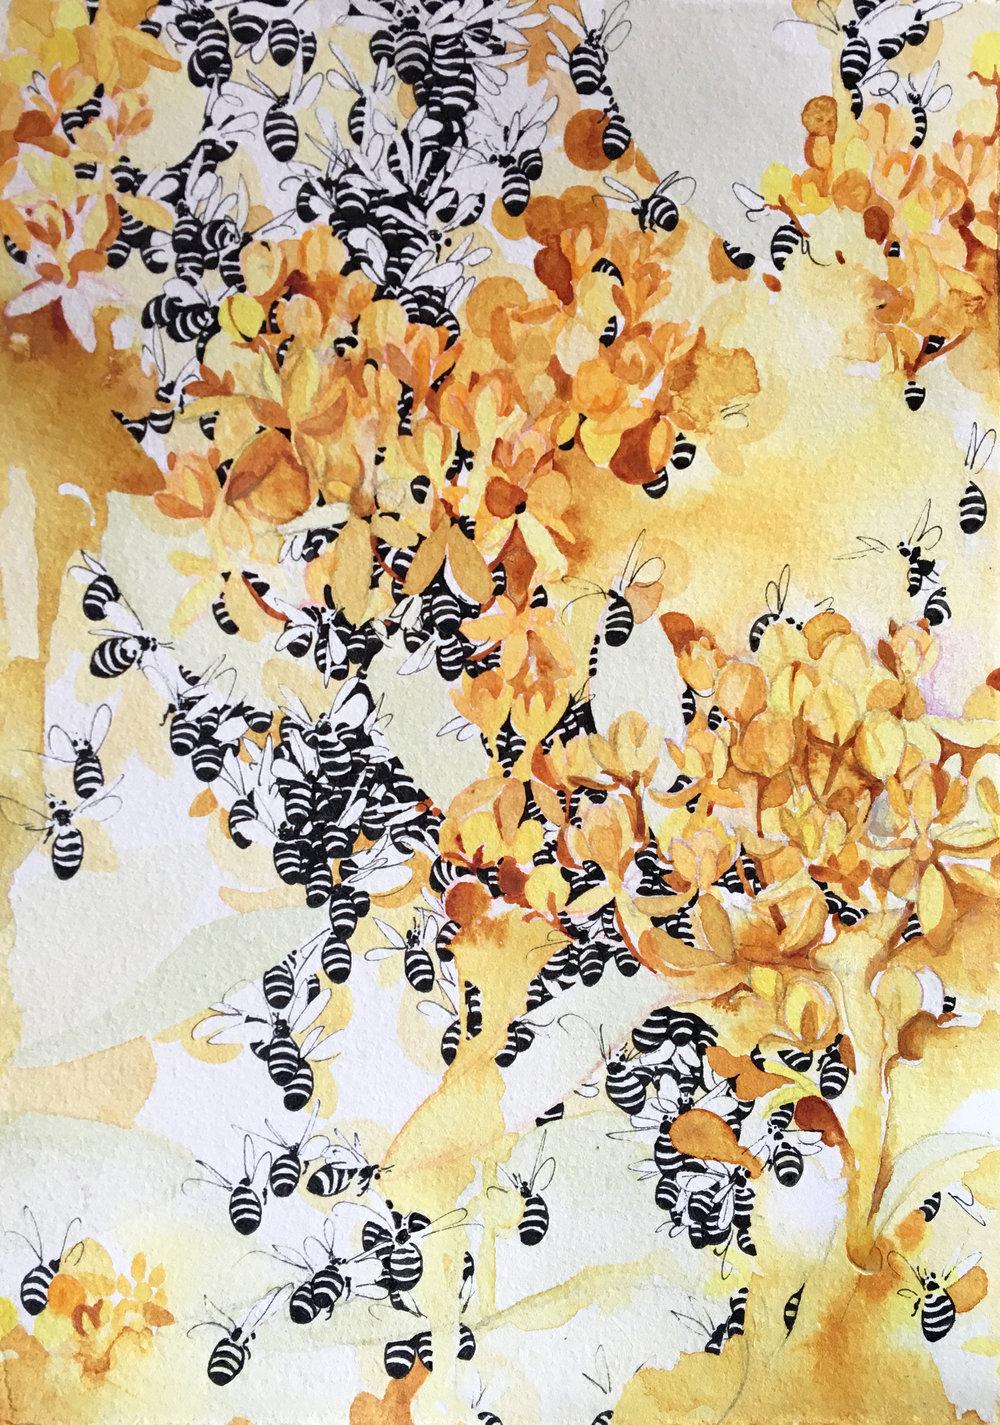 HoneysuckelBees.jpg